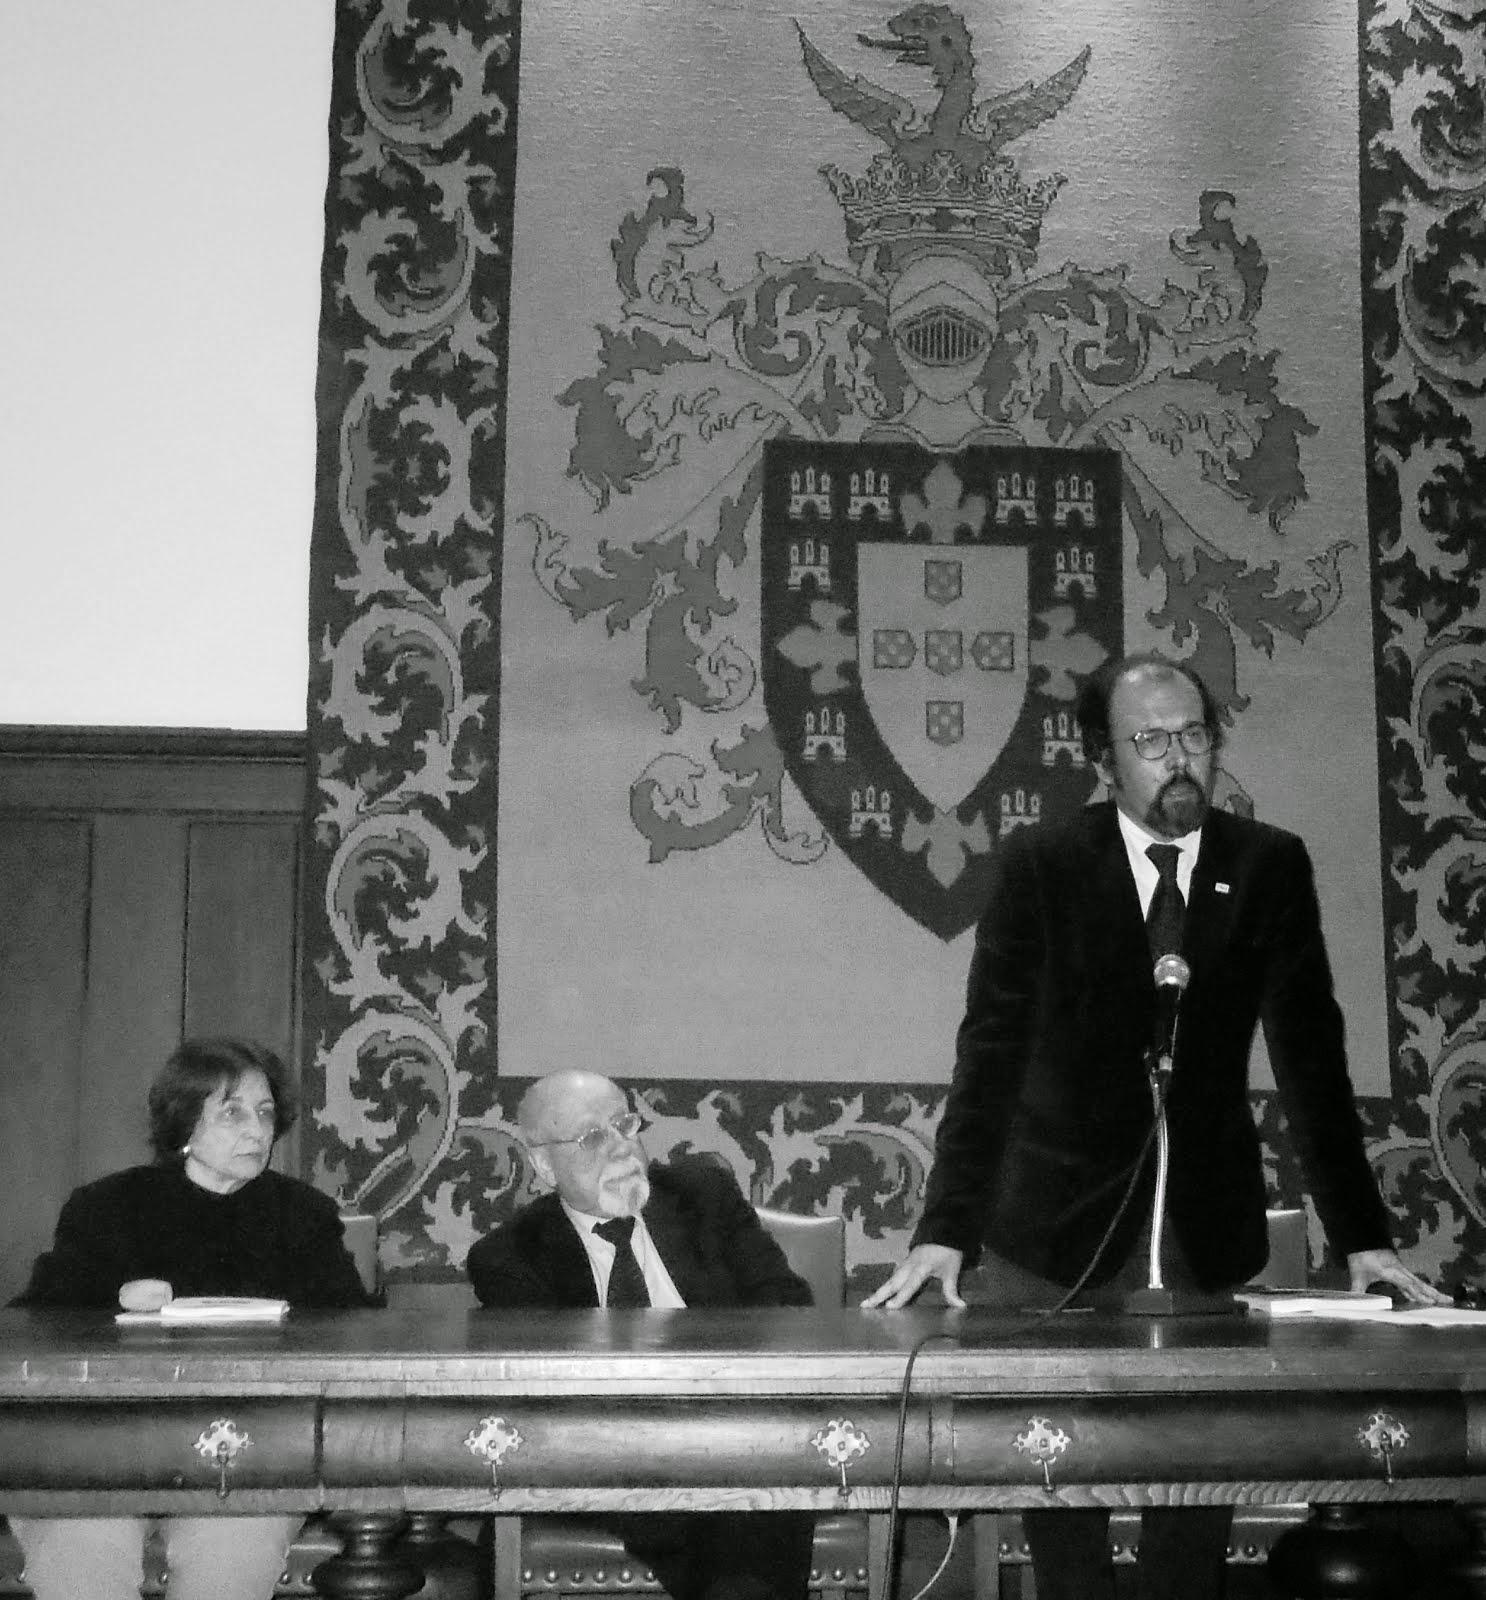 Apresentação da NOVA ÁGUIA 15: 17 Abril, no Palácio da Independência, em Lisboa